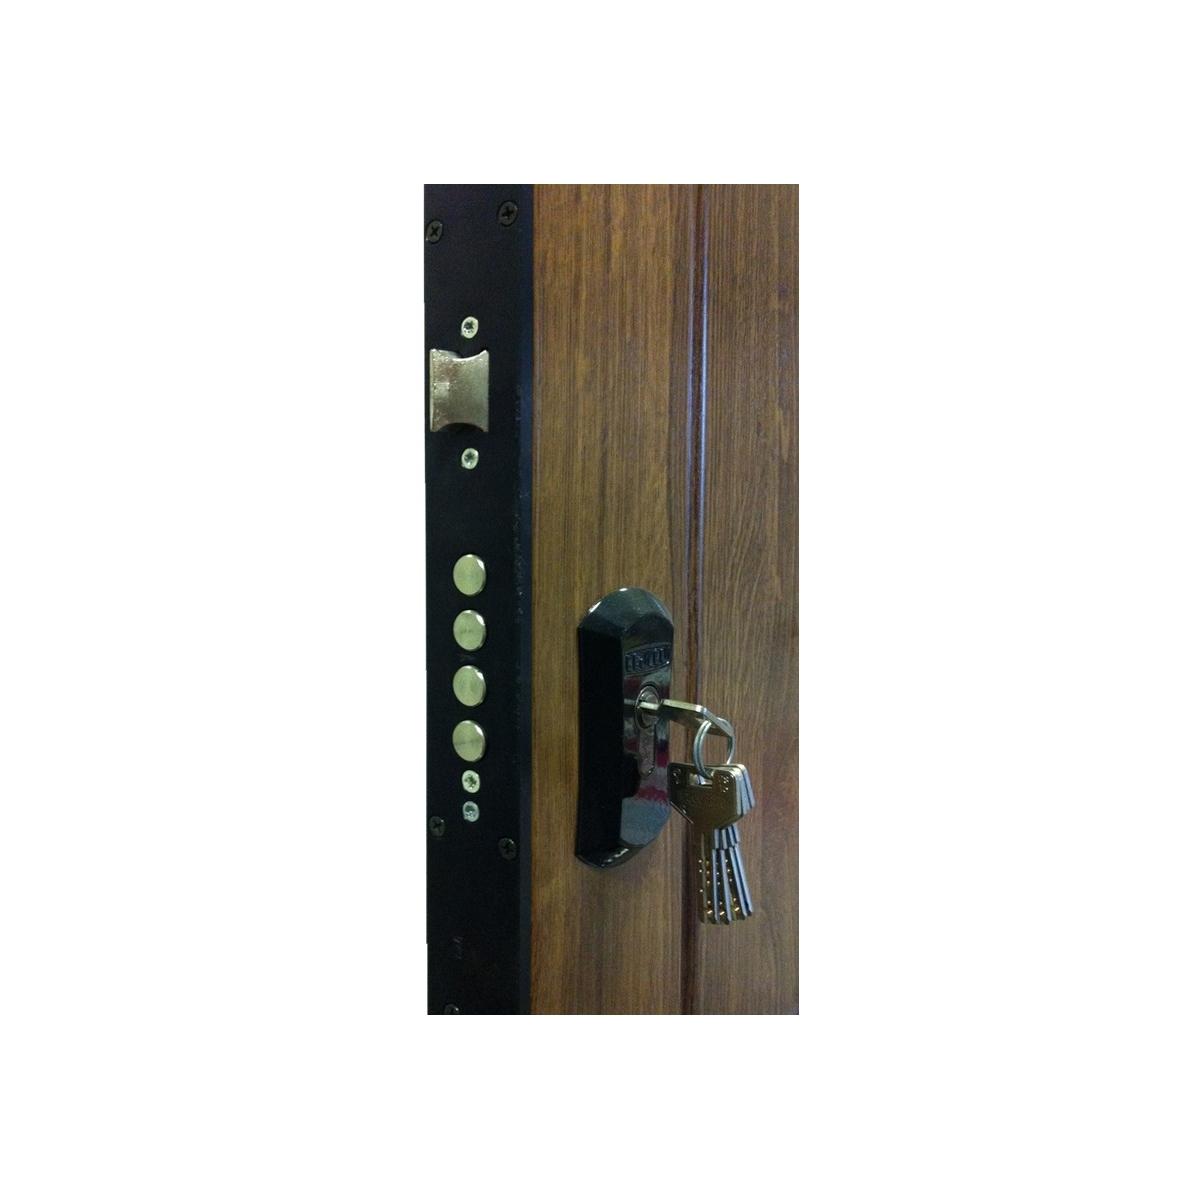 Puerta acorazada Triana Puertas acorazadas Serie B4-BL Cearco